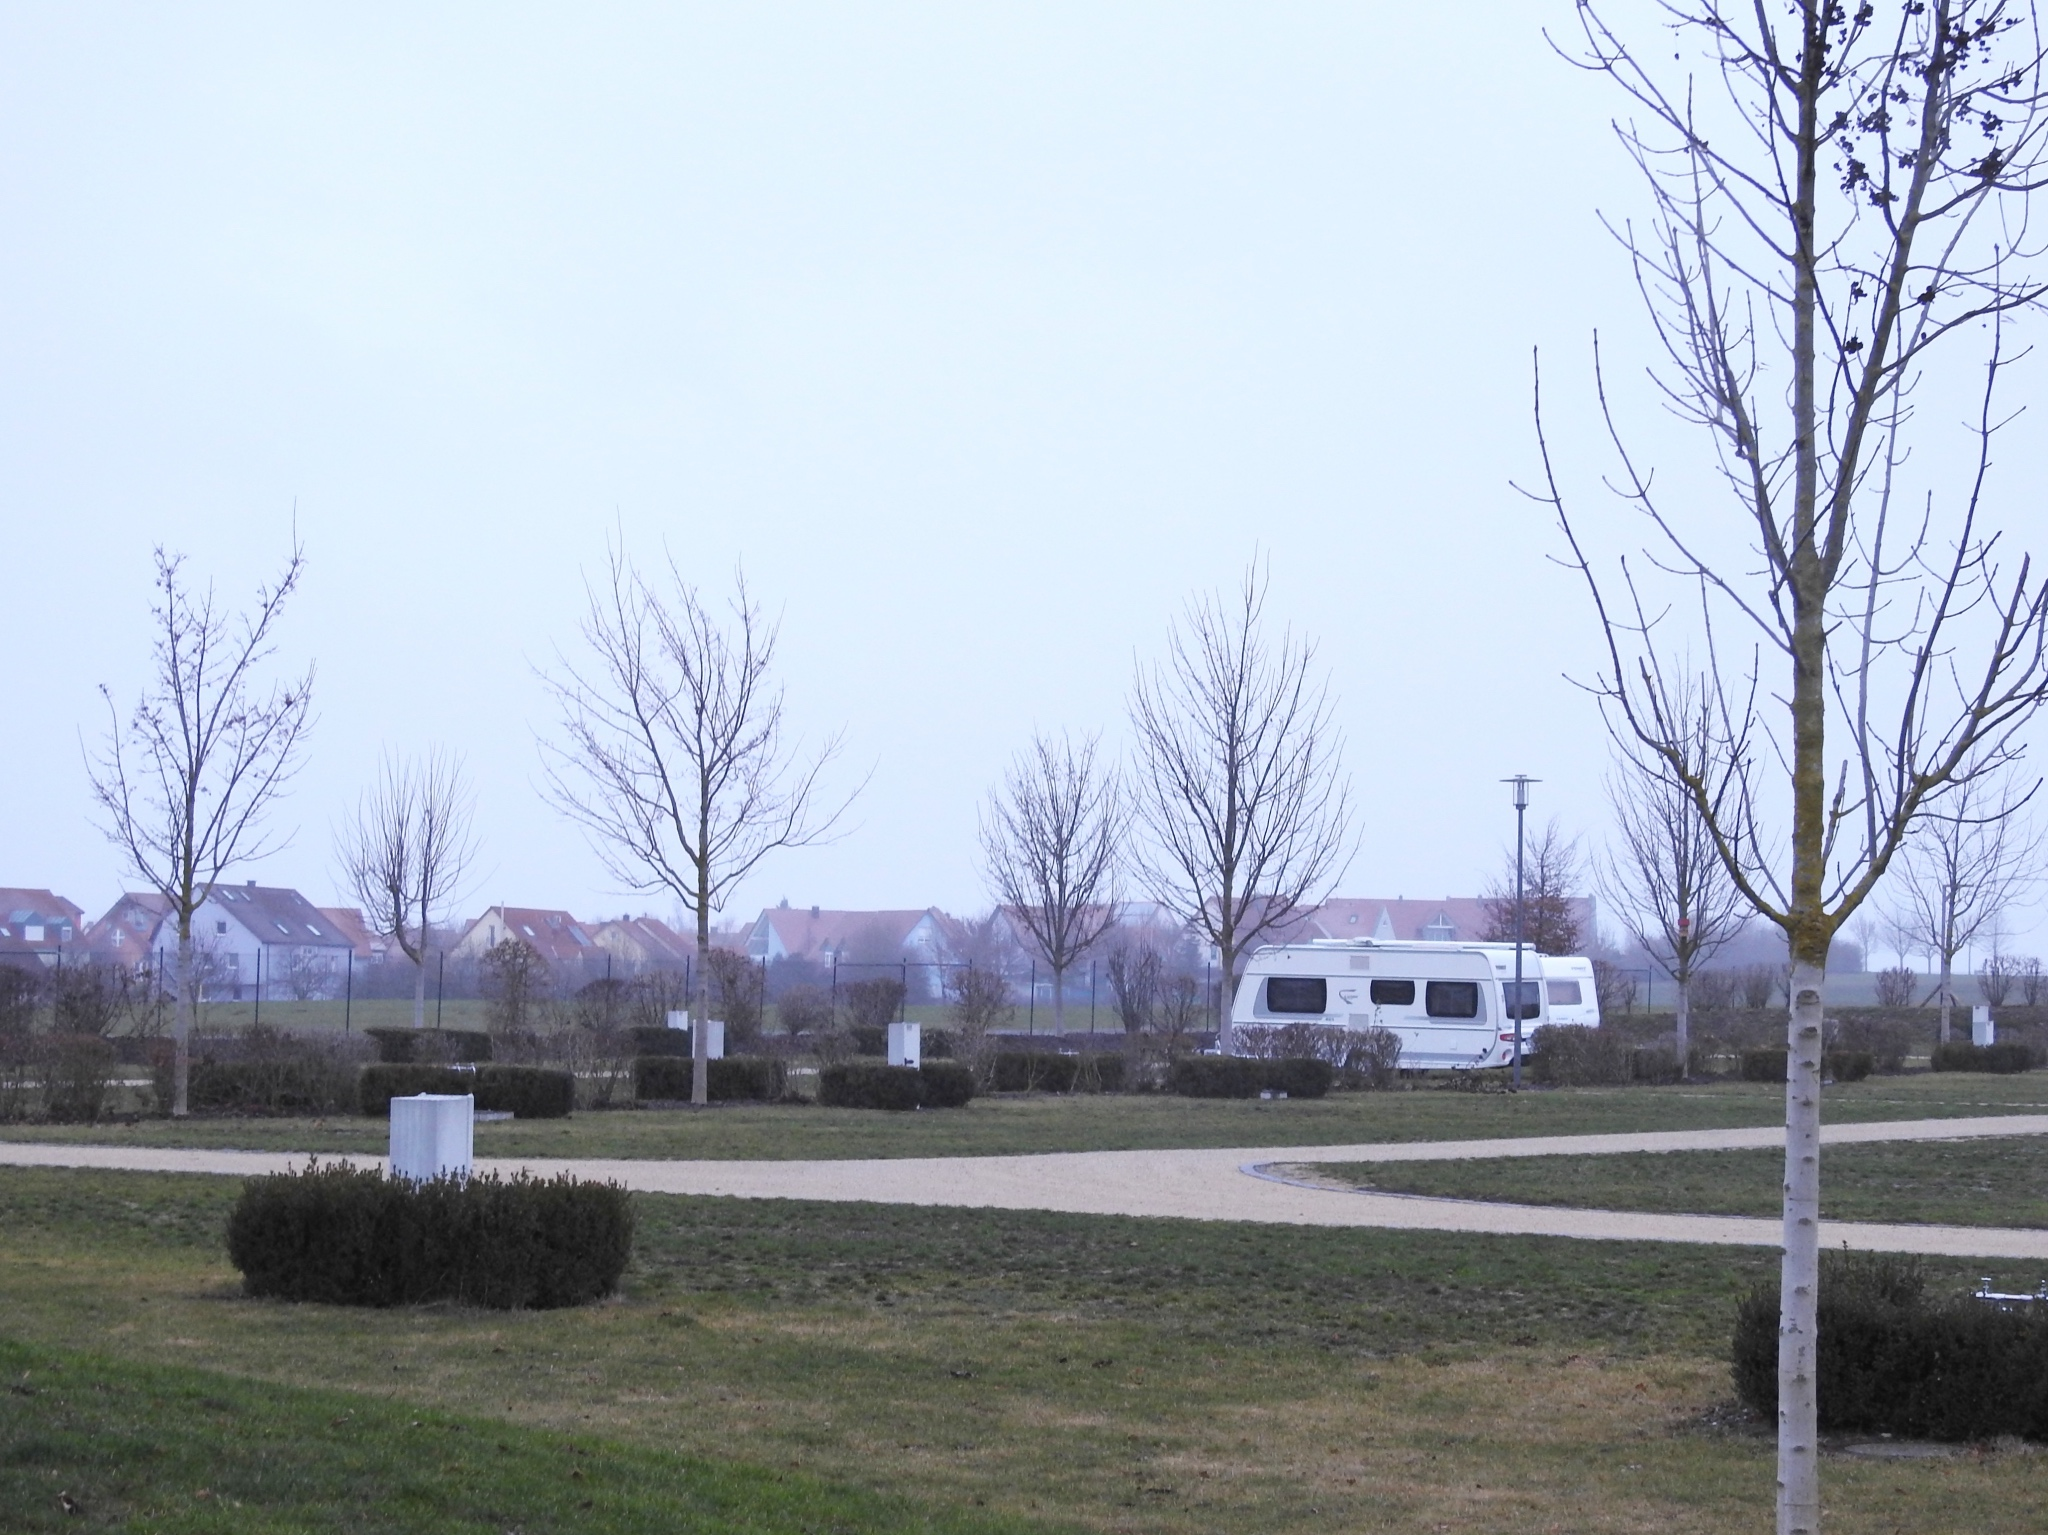 80 Plätze für Wohnwagen und Wohnmobilde sowie 20 Zeltplätze gibt es am Stadtcamping Schweinfurt. Foto: Dirk Flieger